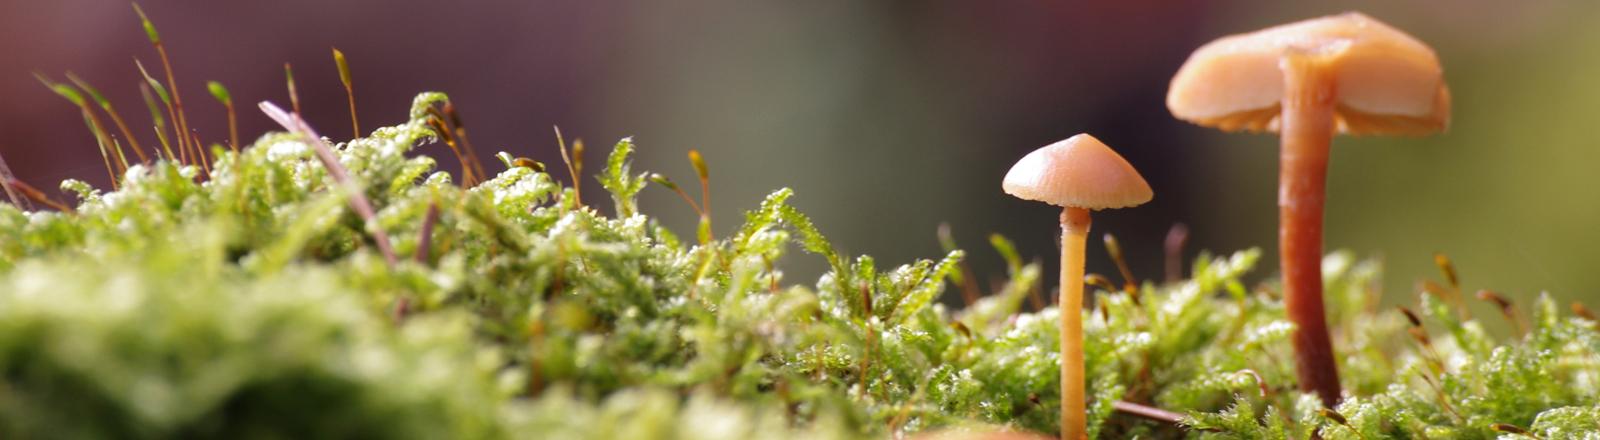 Kleine Pilze wachsen auf Moos